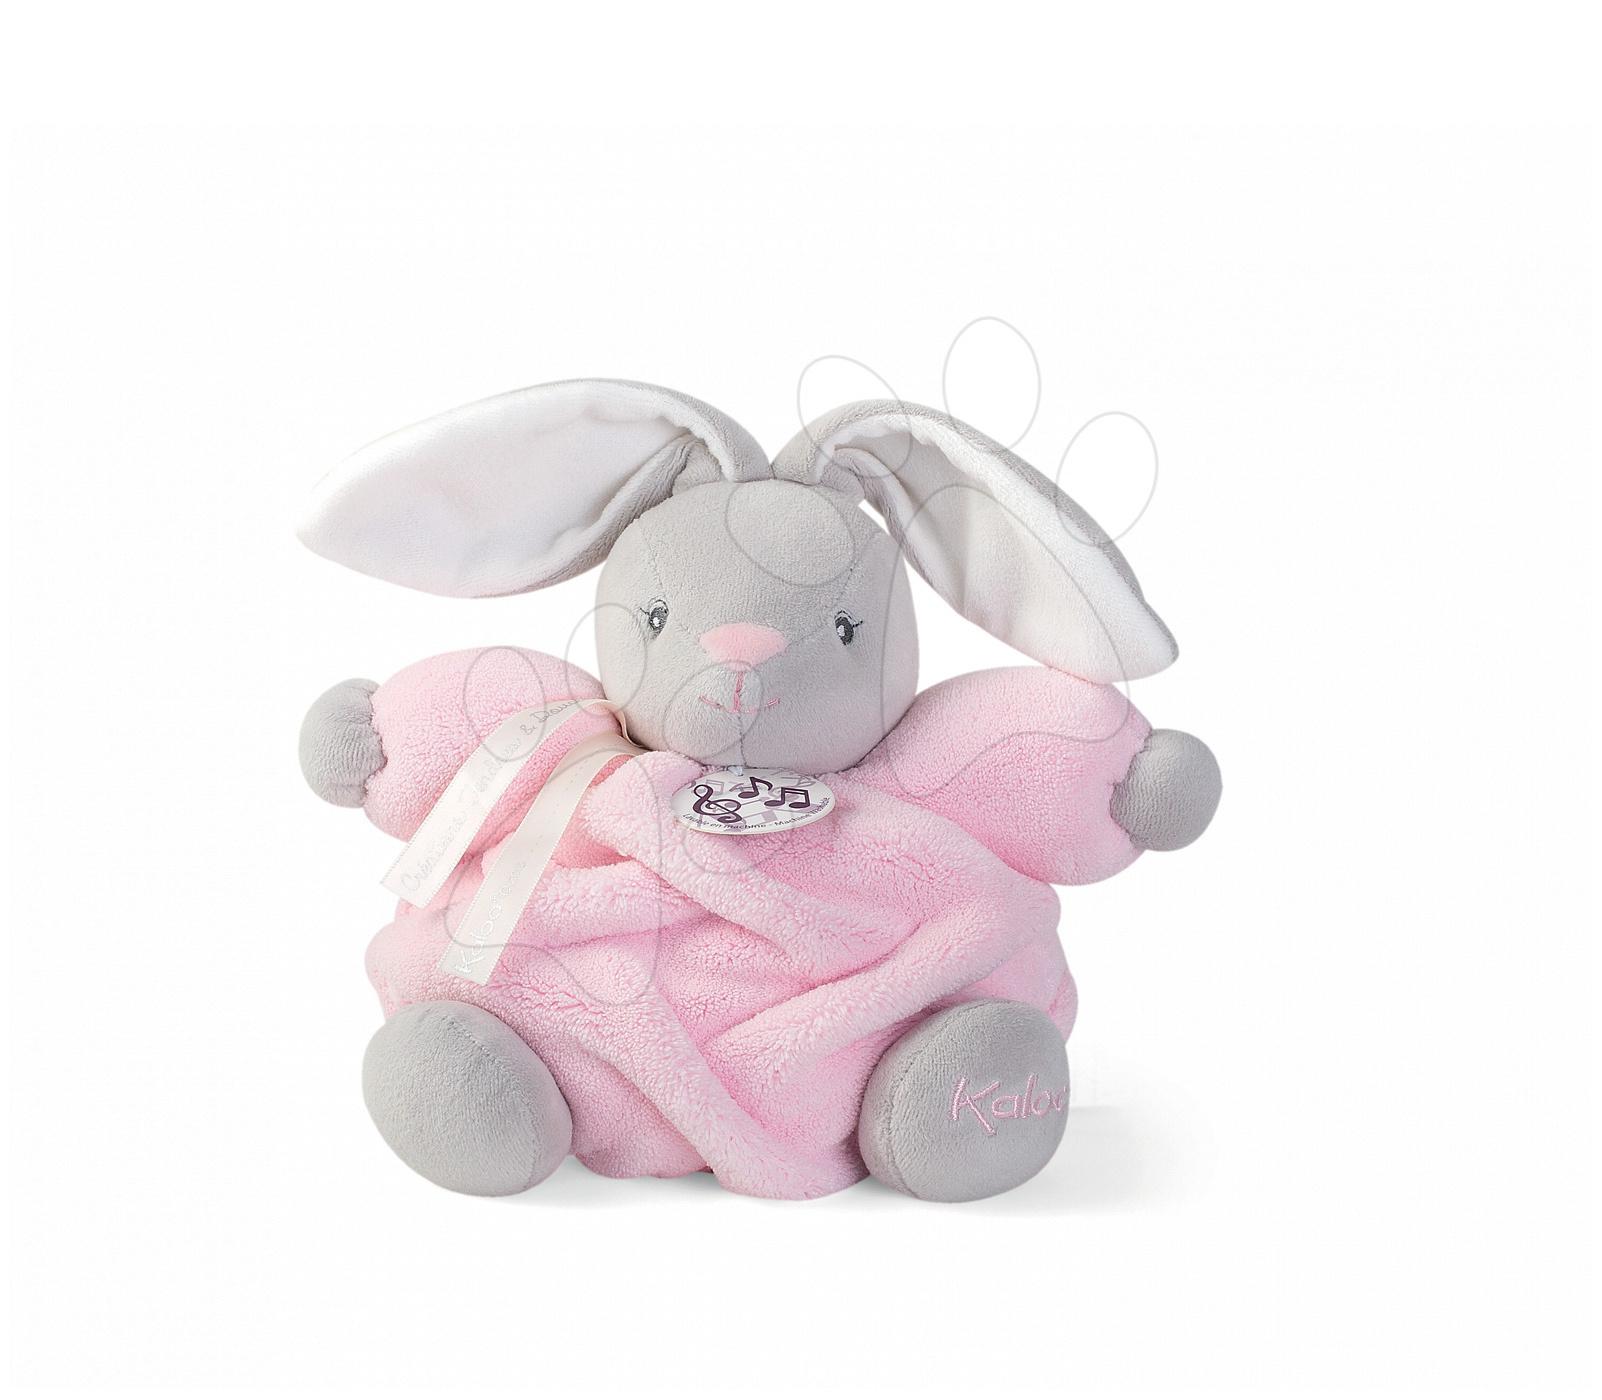 Plyšový králíček Plume-P'tit Lapin Rose Musical Kaloo zpívající 18 cm v dárkovém balení růžový